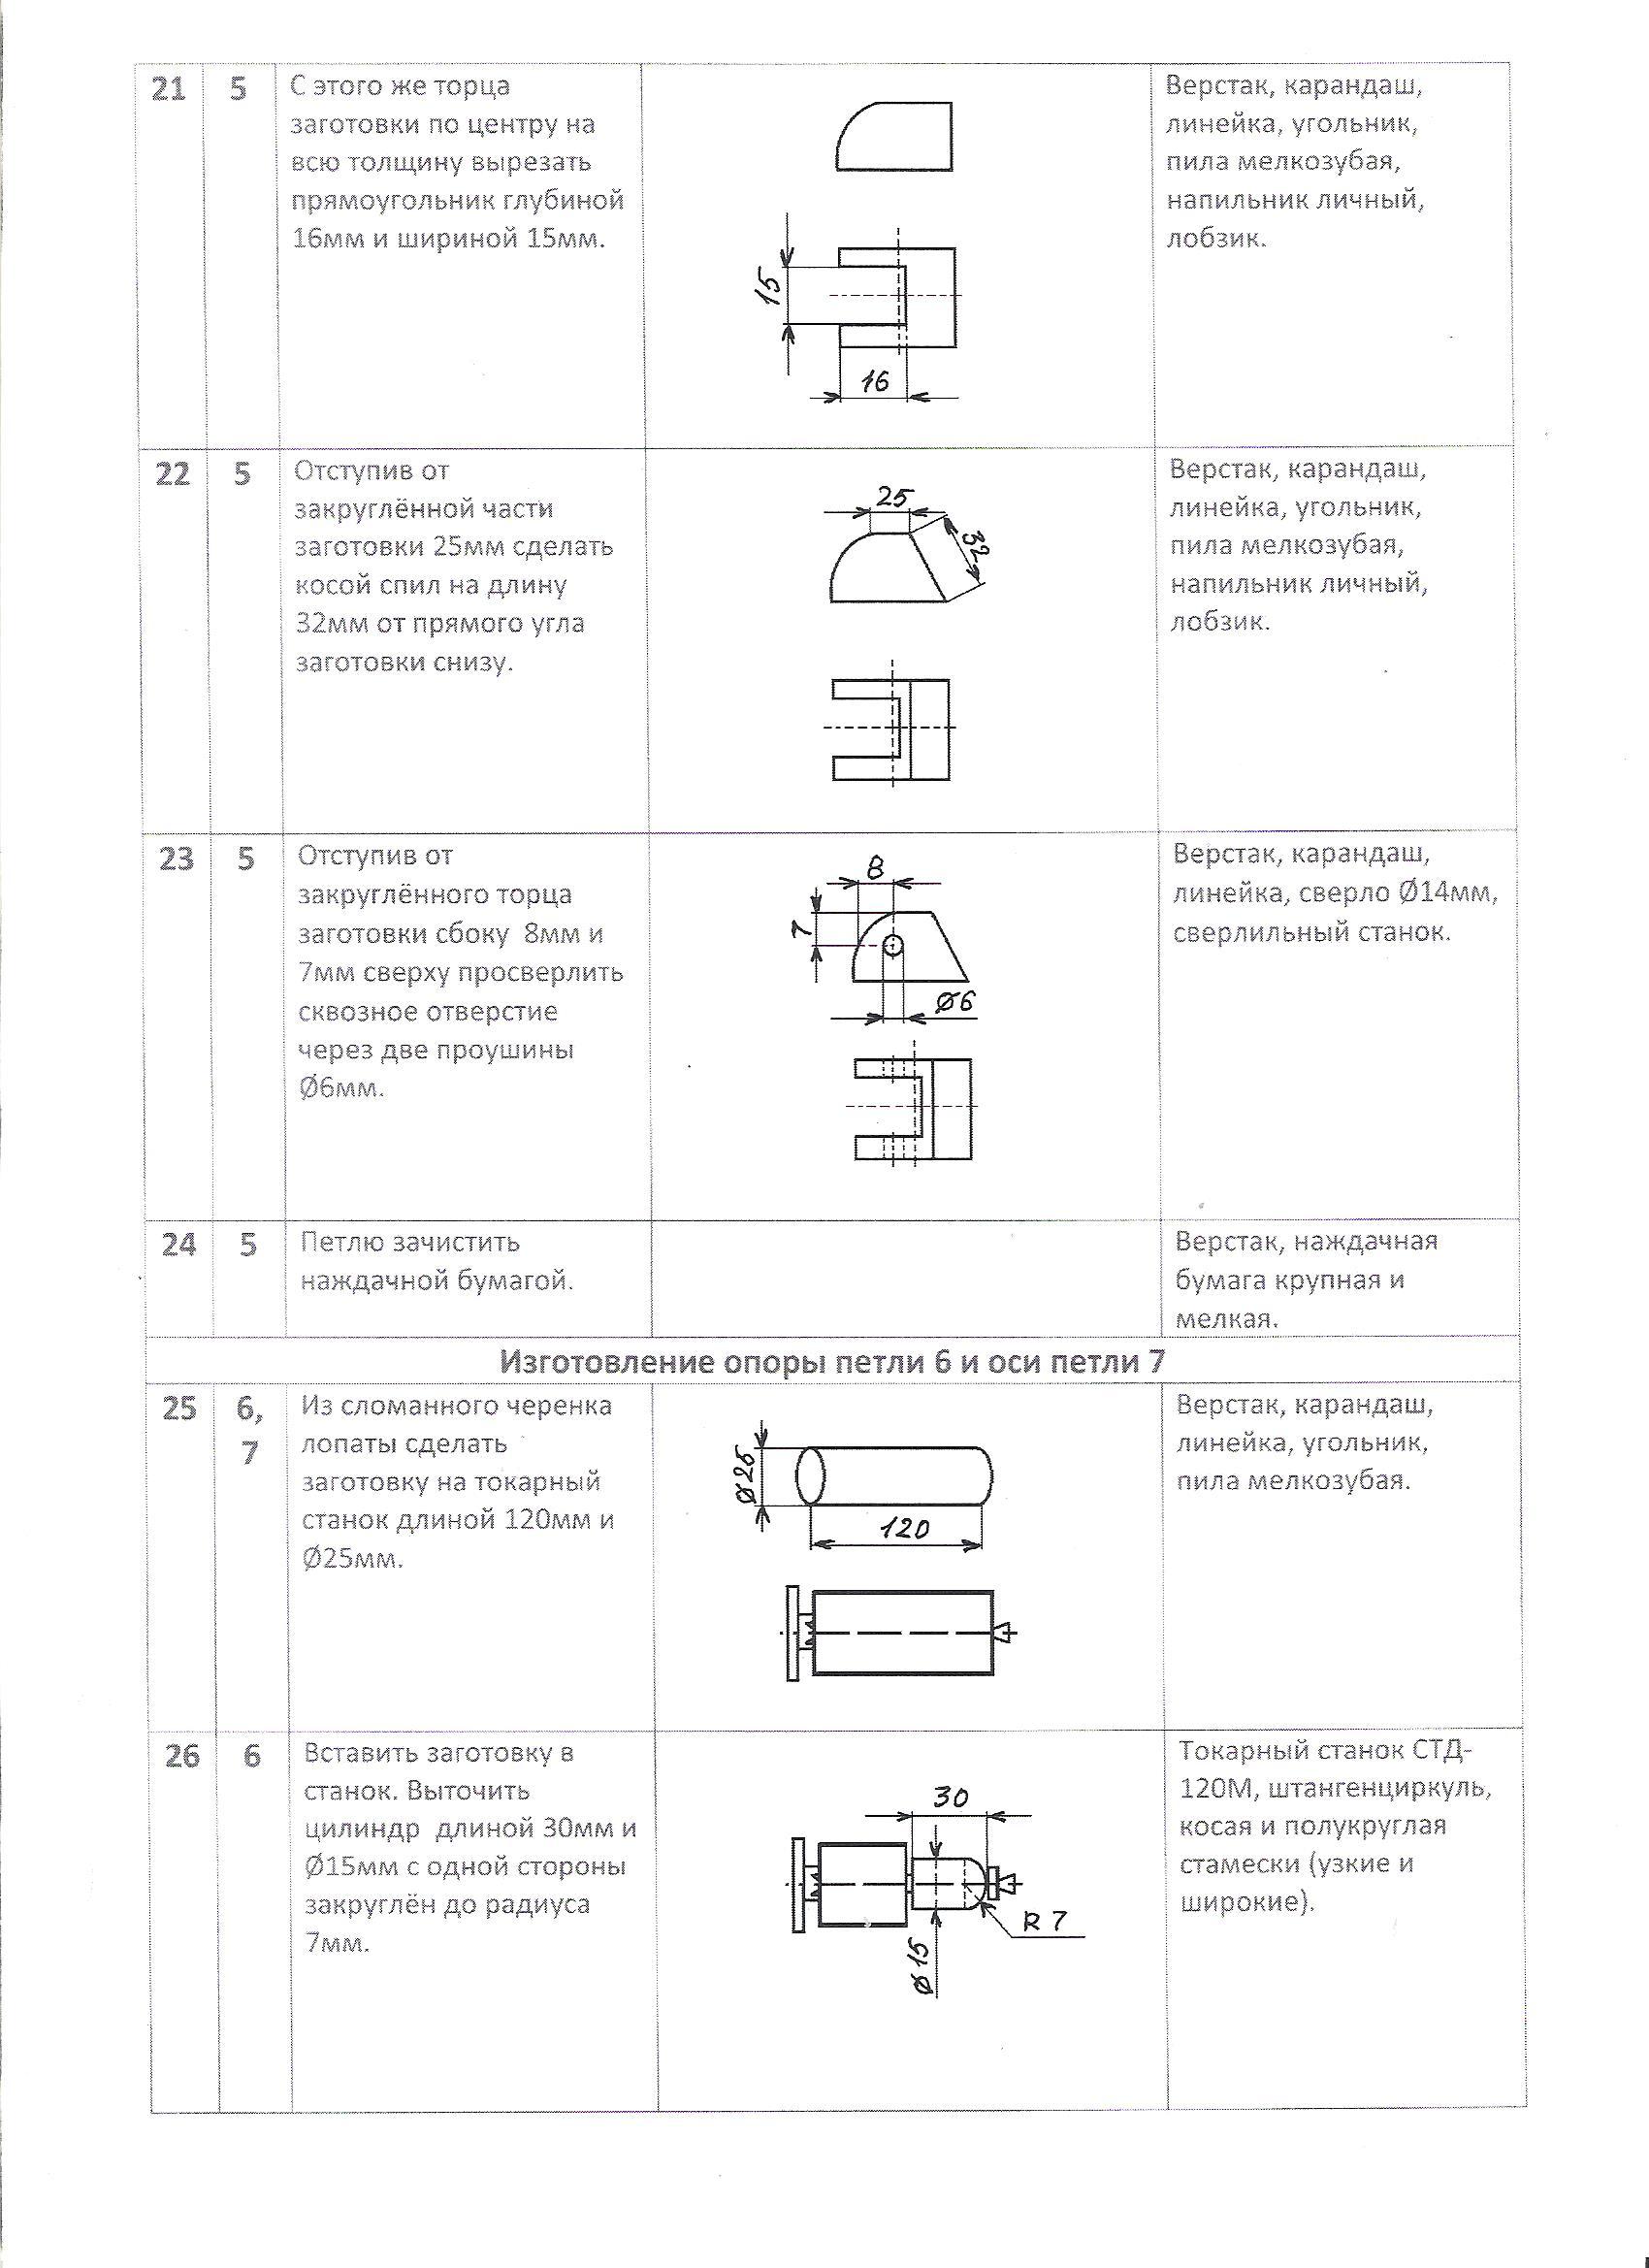 C:\Users\володя\Desktop\Технологическая карта изготовления сахарницы. Близнюк В.Ю\6.jpeg